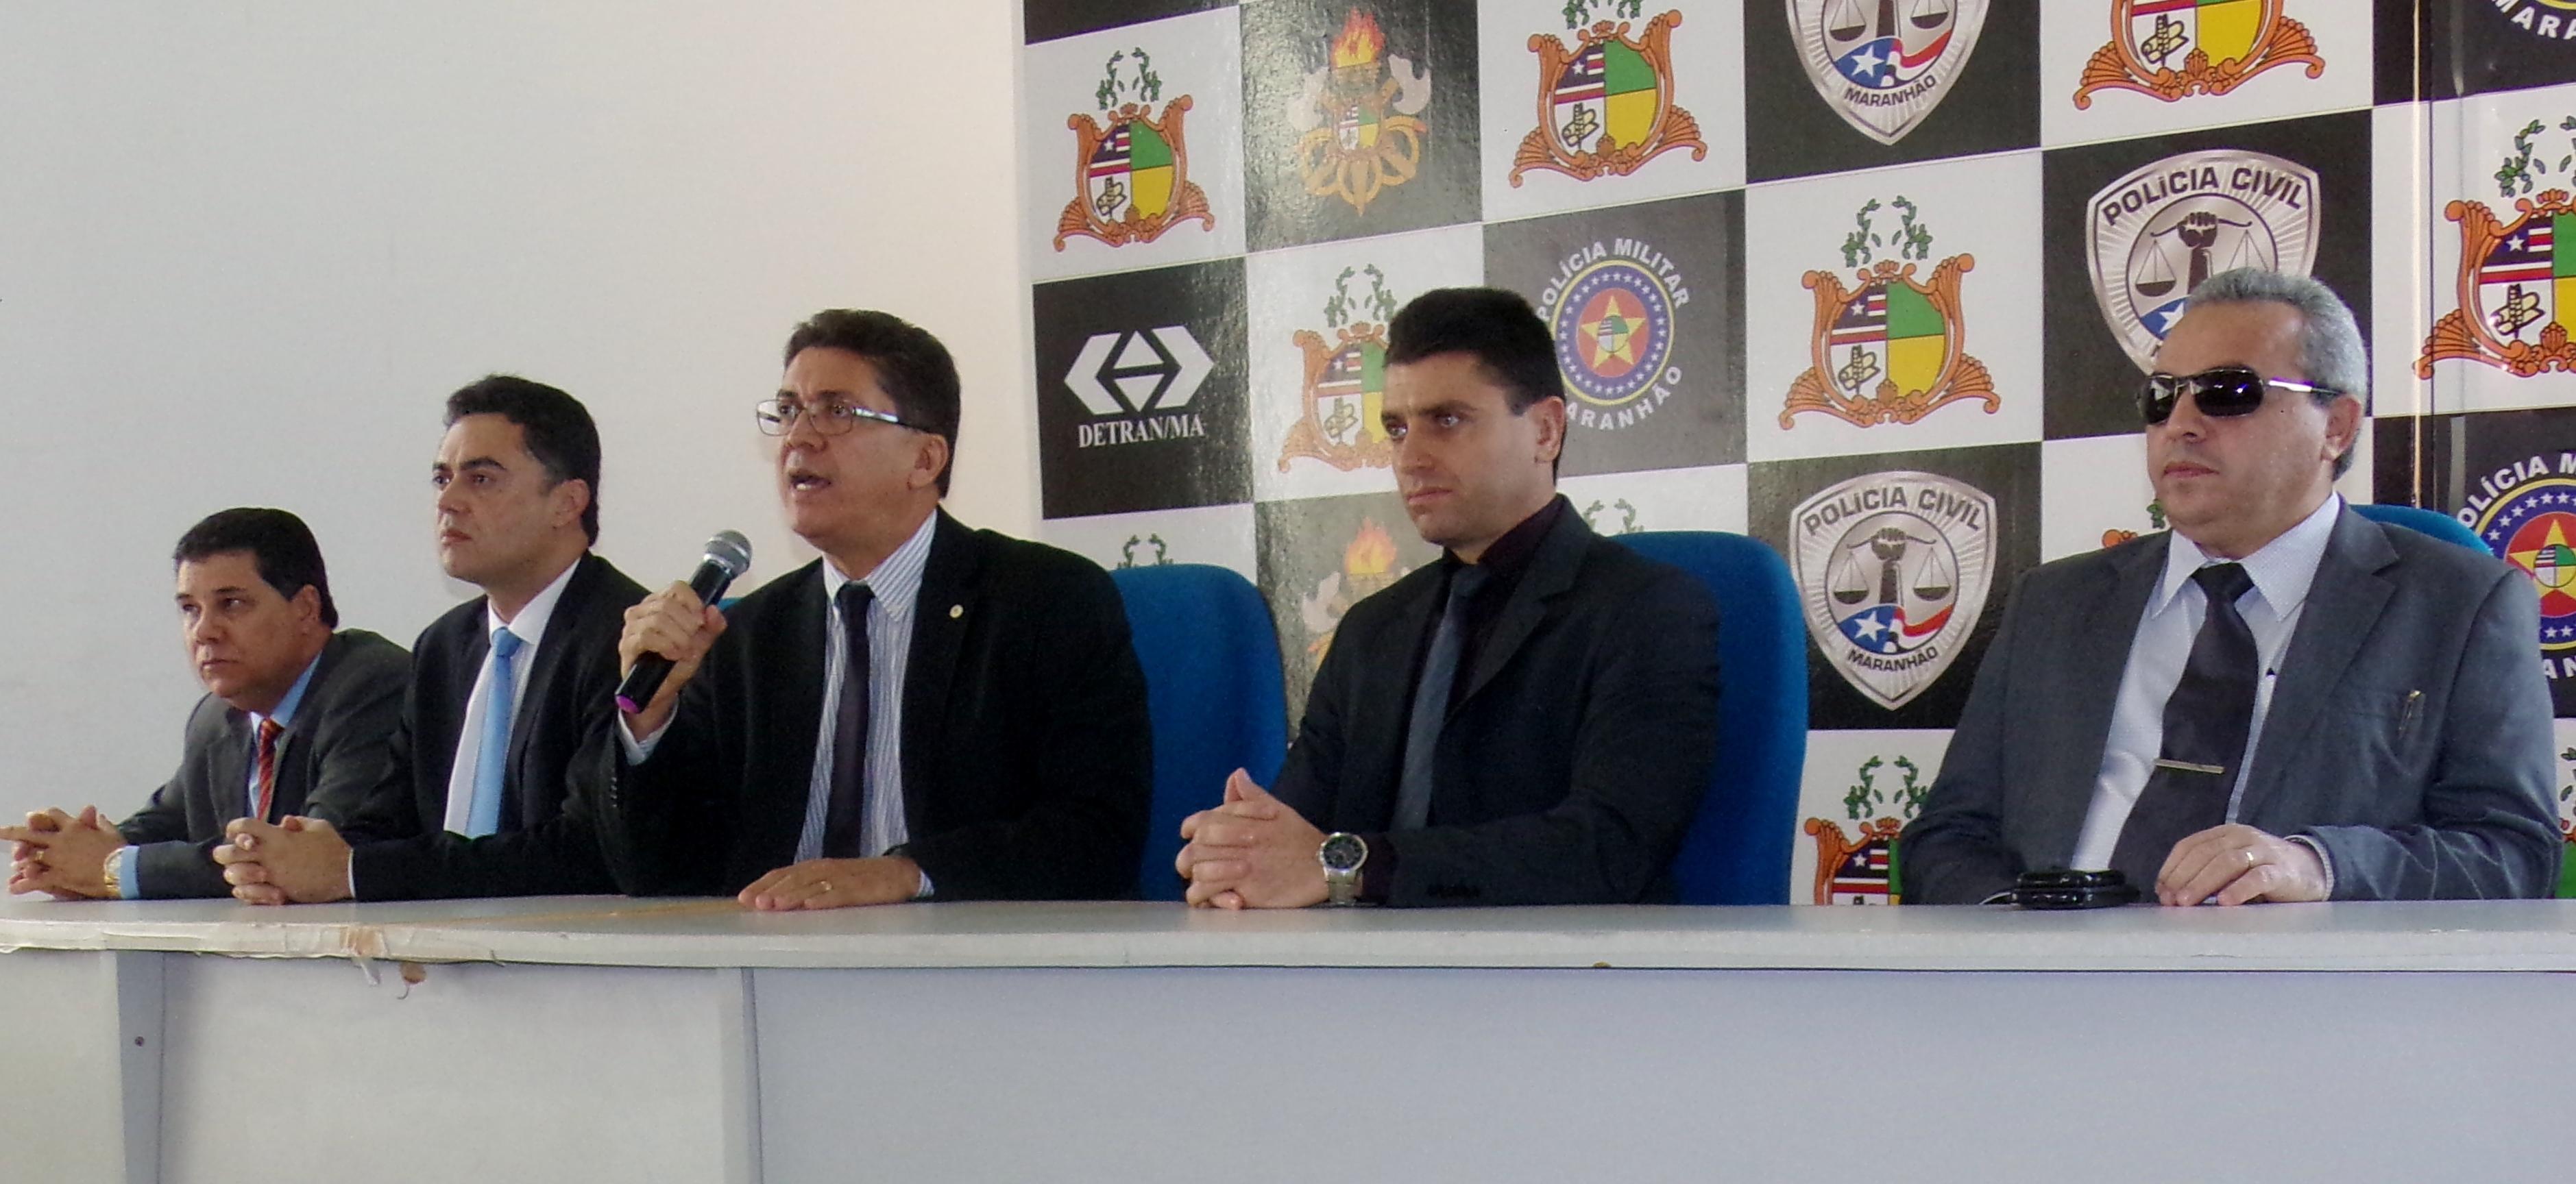 Pecuarista acusado de ameaças e agiotagem é apresentado na Secretaria de Segurança